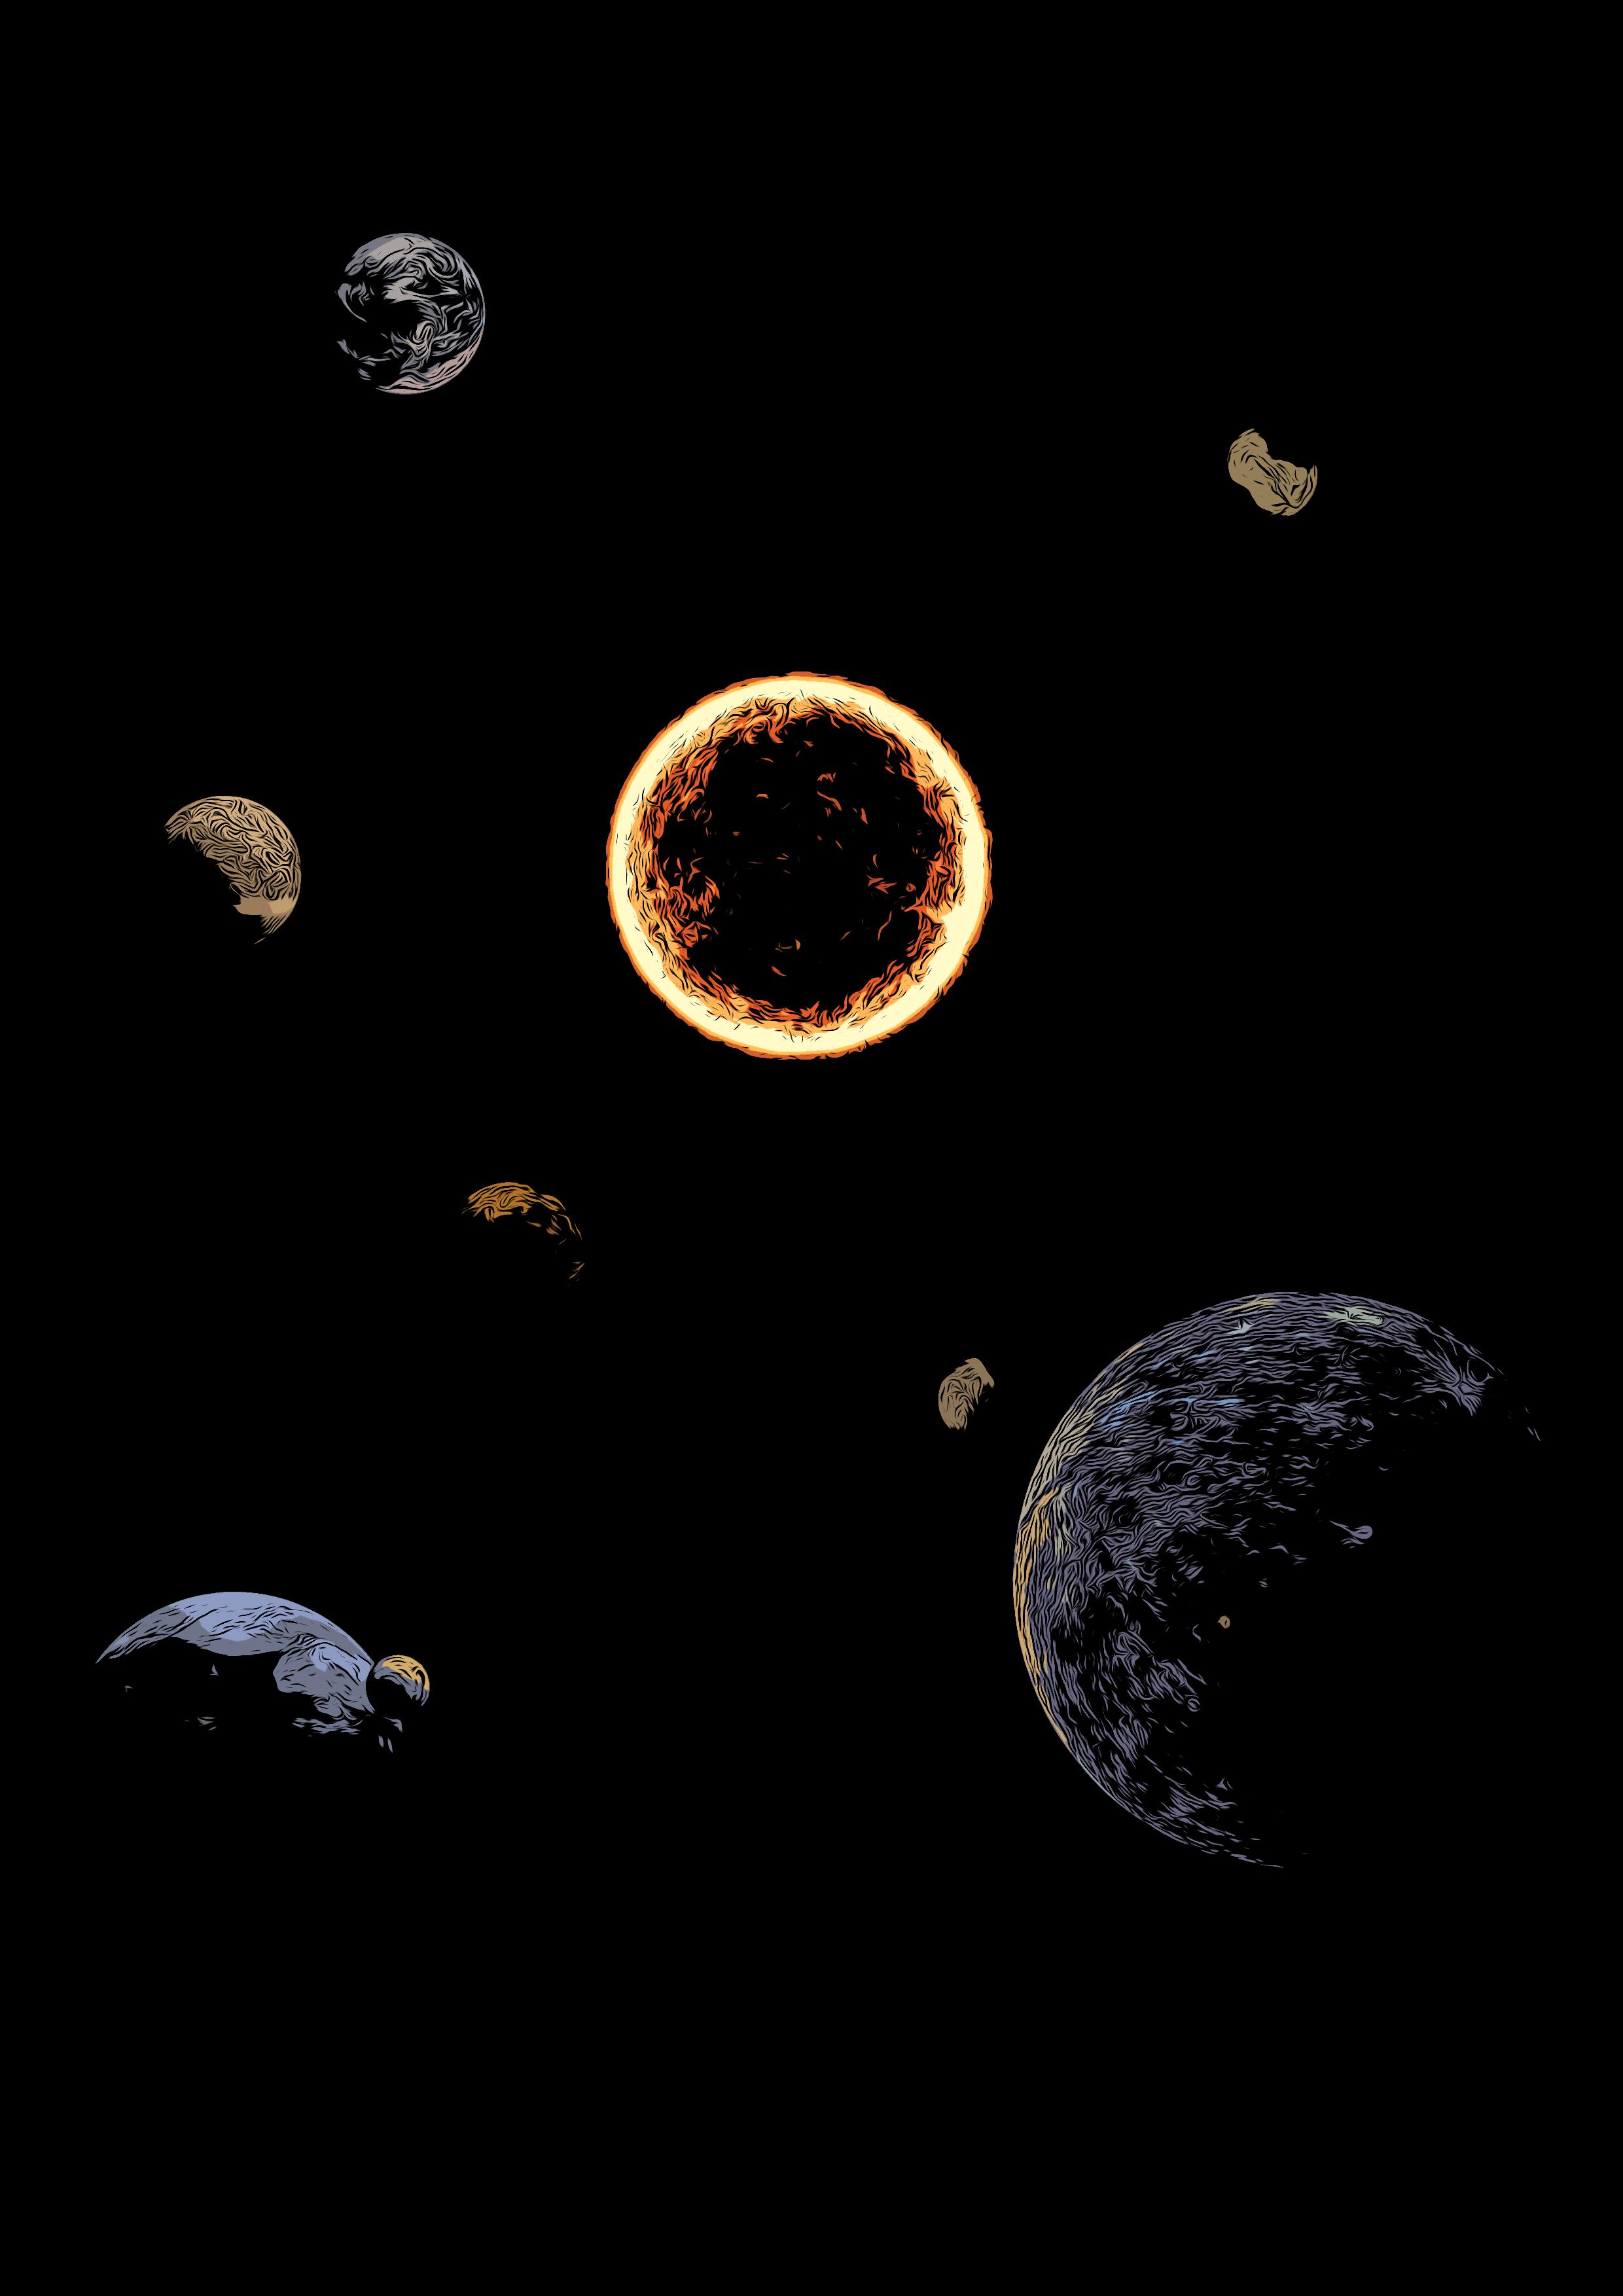 Sonnensystem Clipart Raumfahrt Sonne Geschenkidee Manner Premium T Shirt Spreadshirt Clipart Sonnensystem Geschenkideen